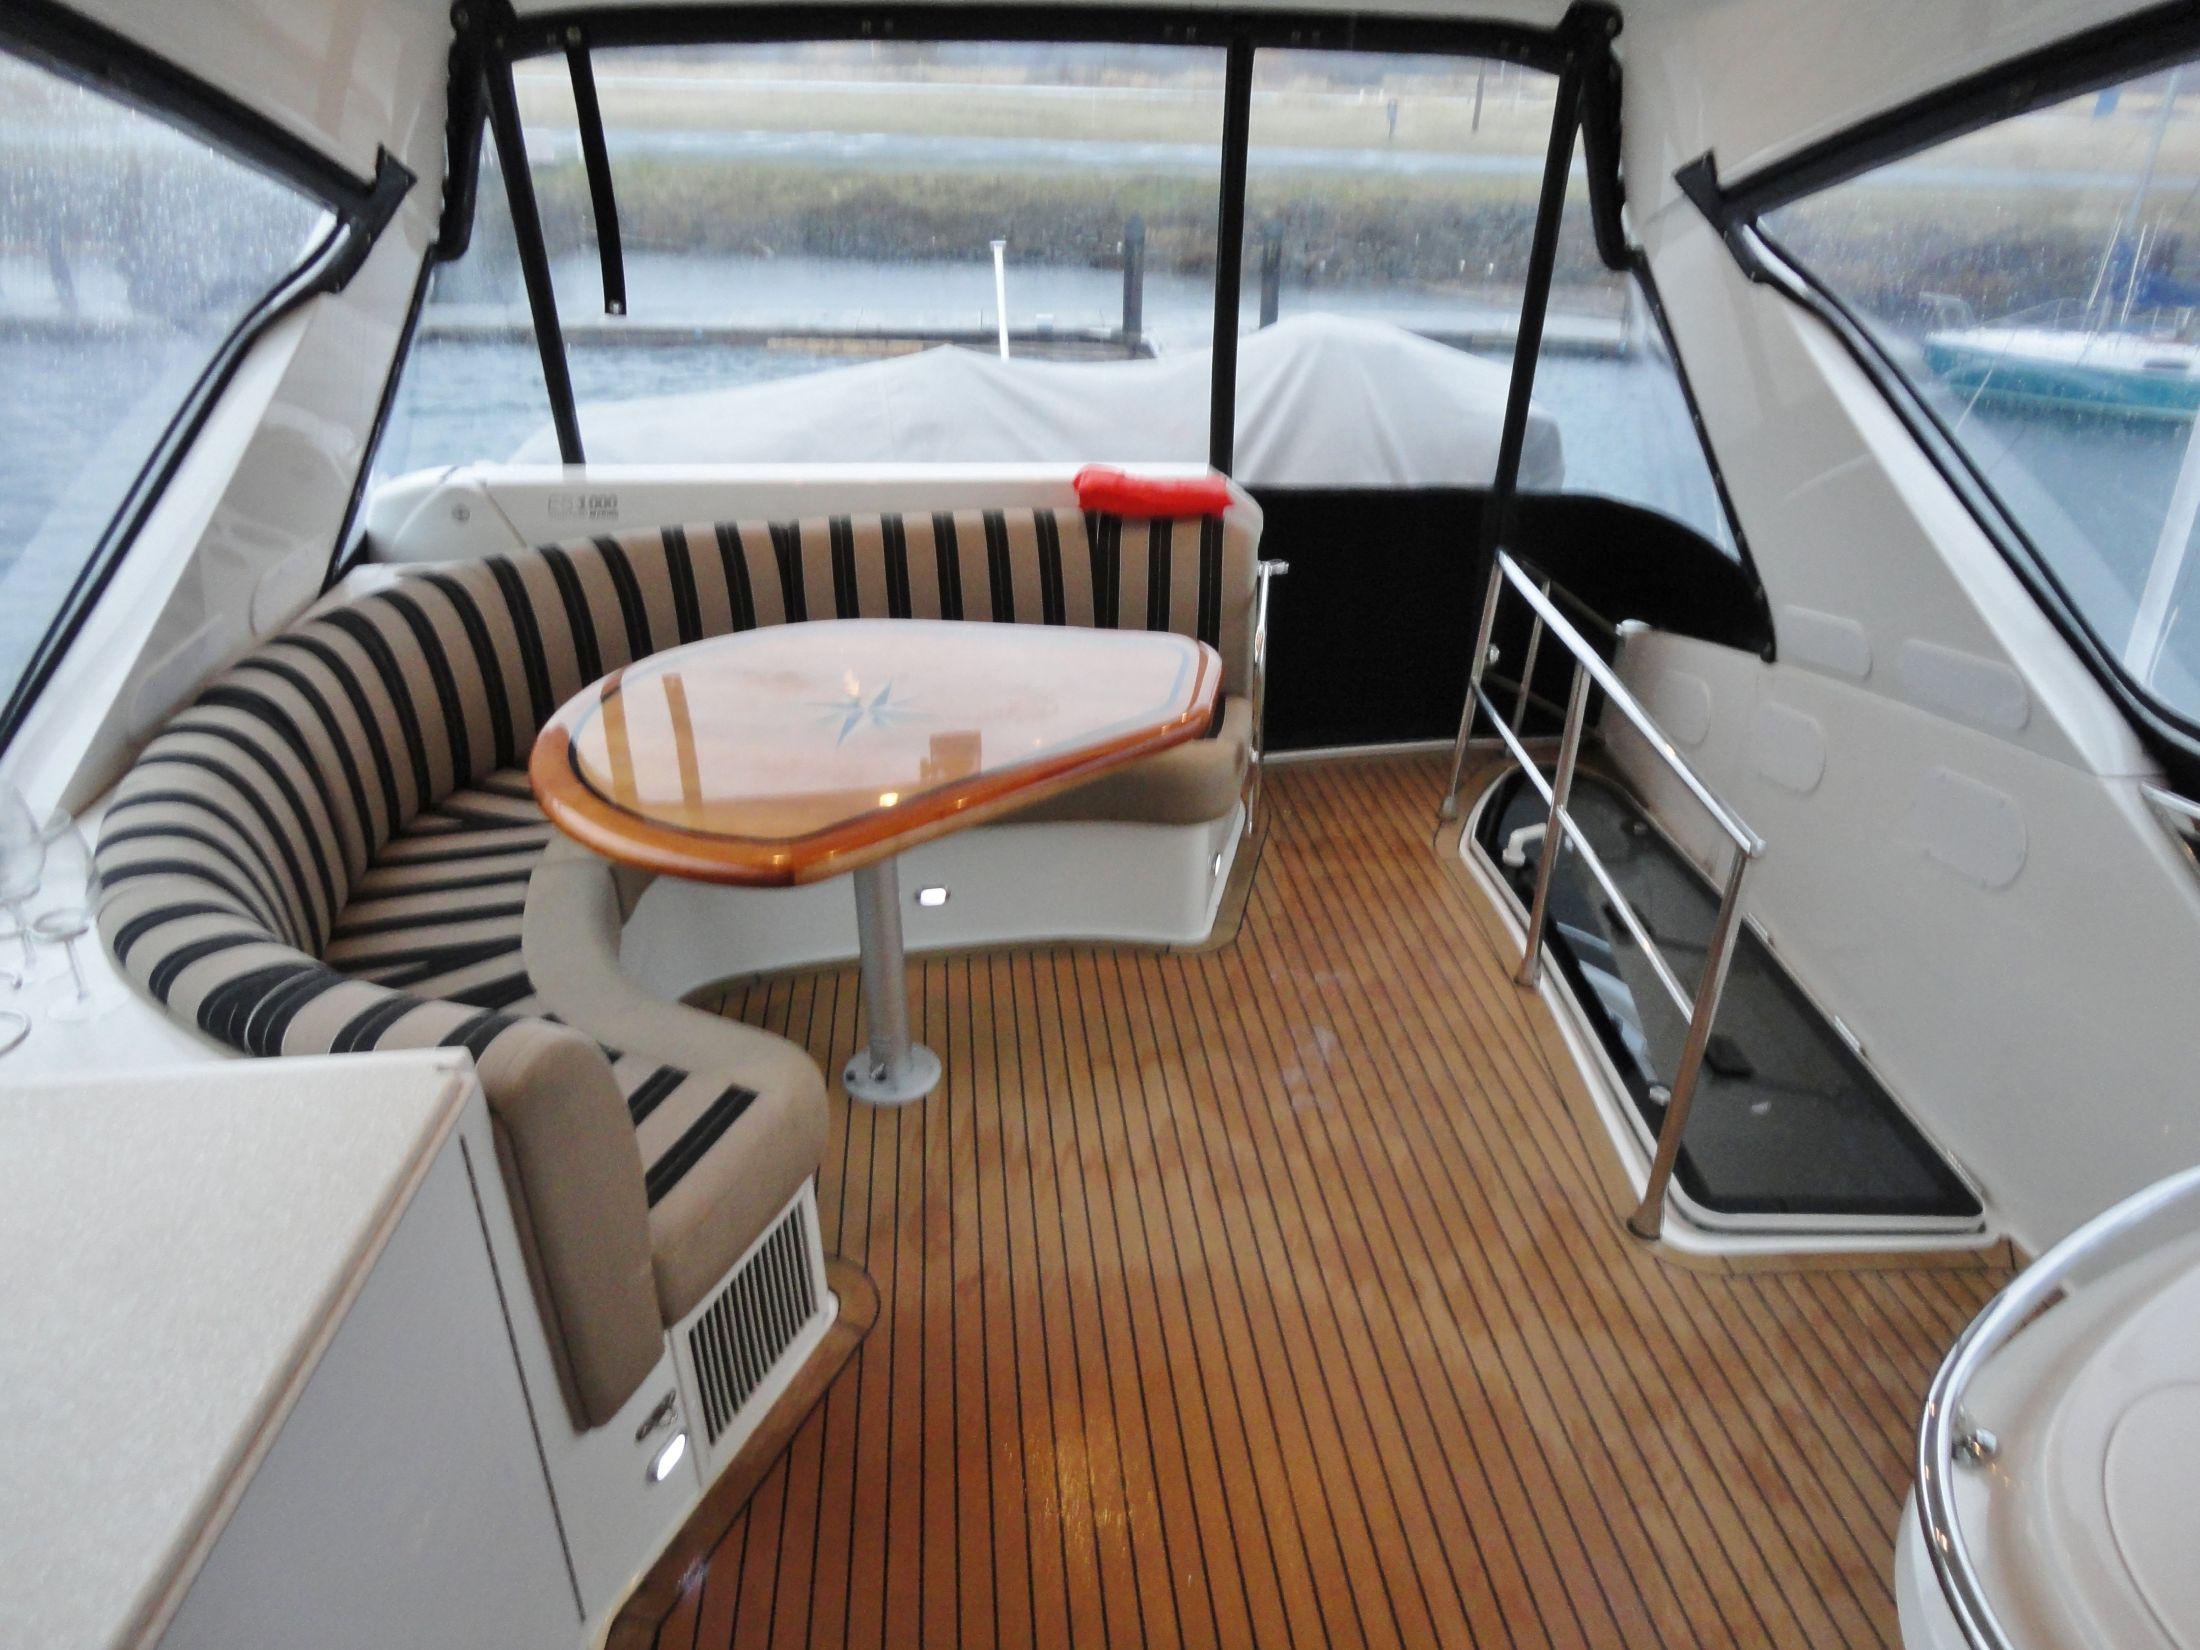 FlexTeak Deck, New Upholstery, Crane Davit